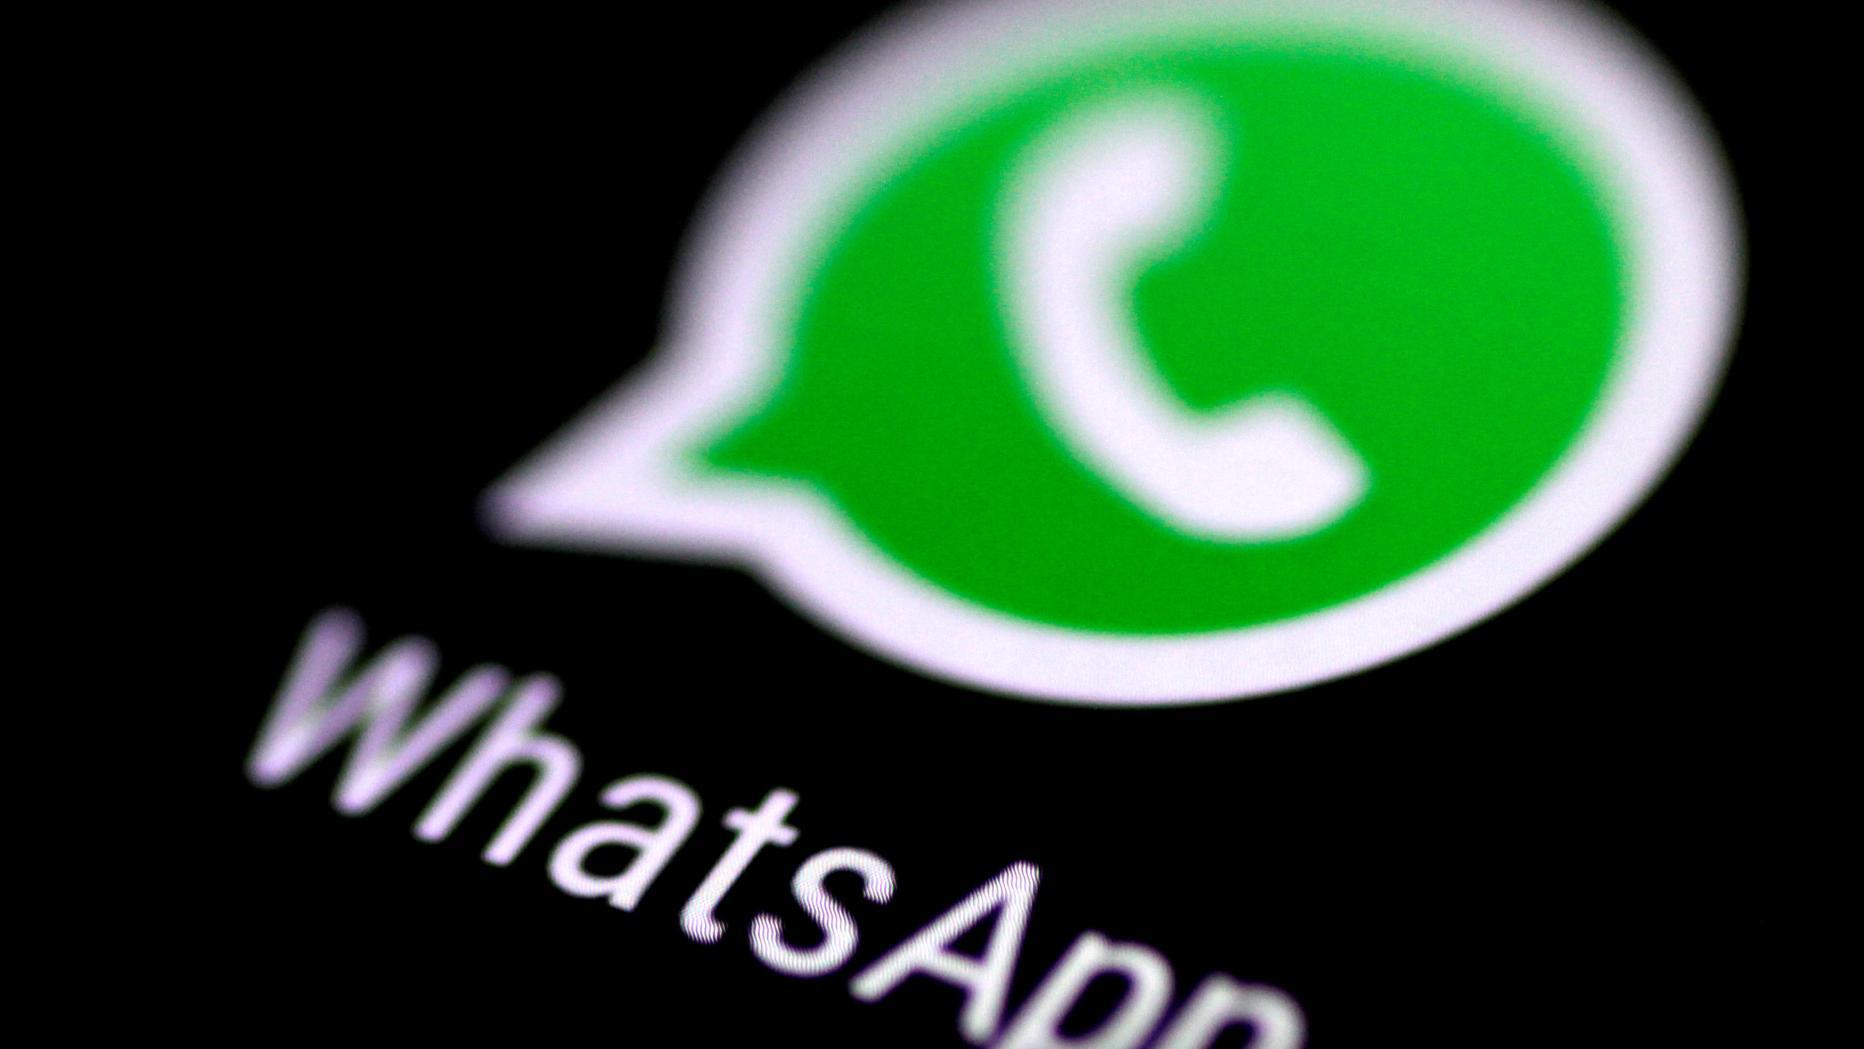 Whatsapp Fotos Auf Sd Karte Speichern.Whatsapp Entfernt Beliebte Funktion Futurezone At